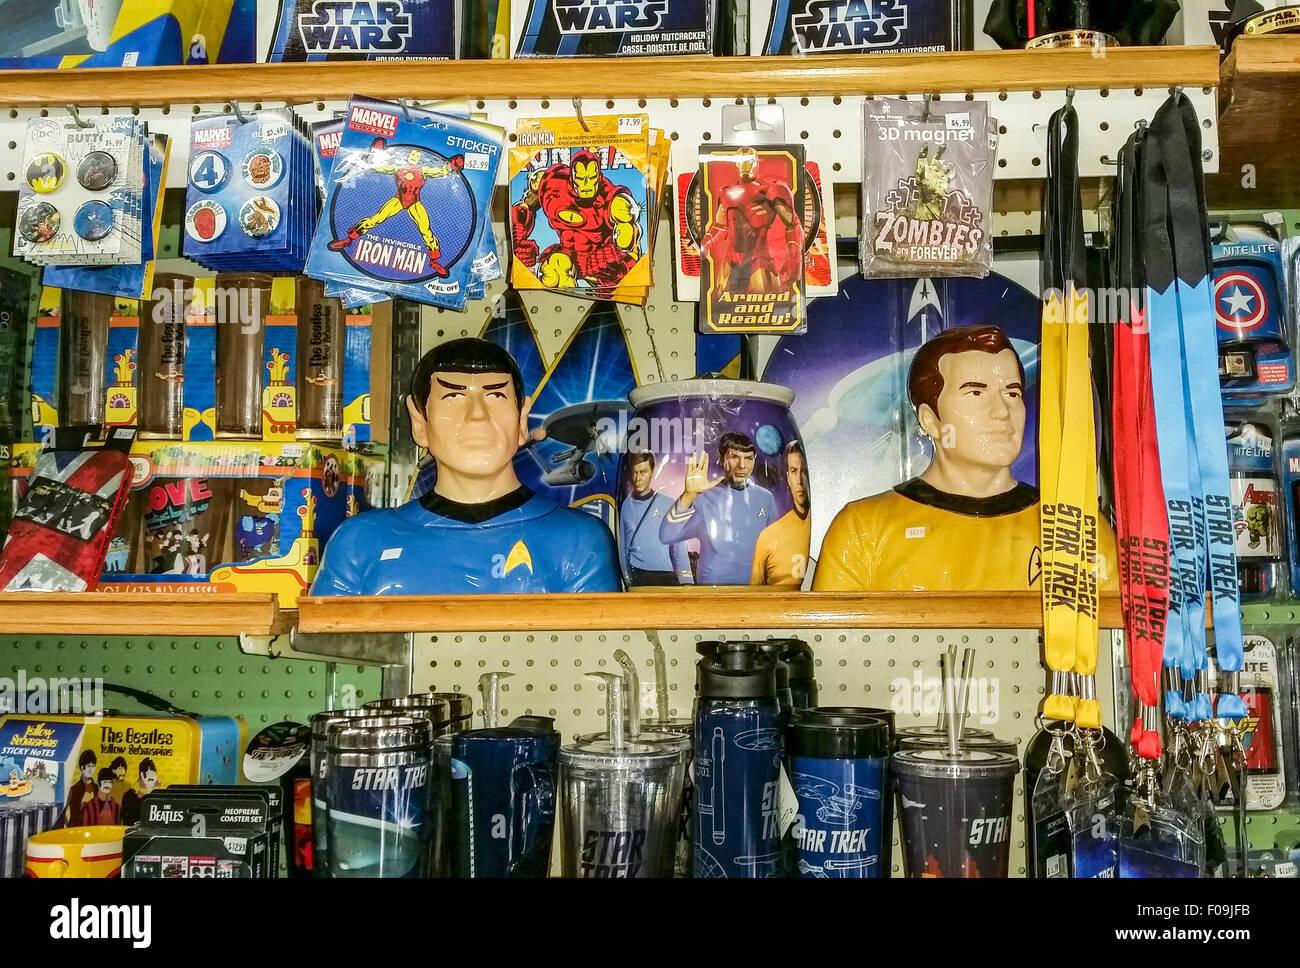 Nostalgische Andenken einschließlich der alten Zeit-super-Helden-Lunch-Boxen und StarTrek Erinnerungsstücke Stockbild